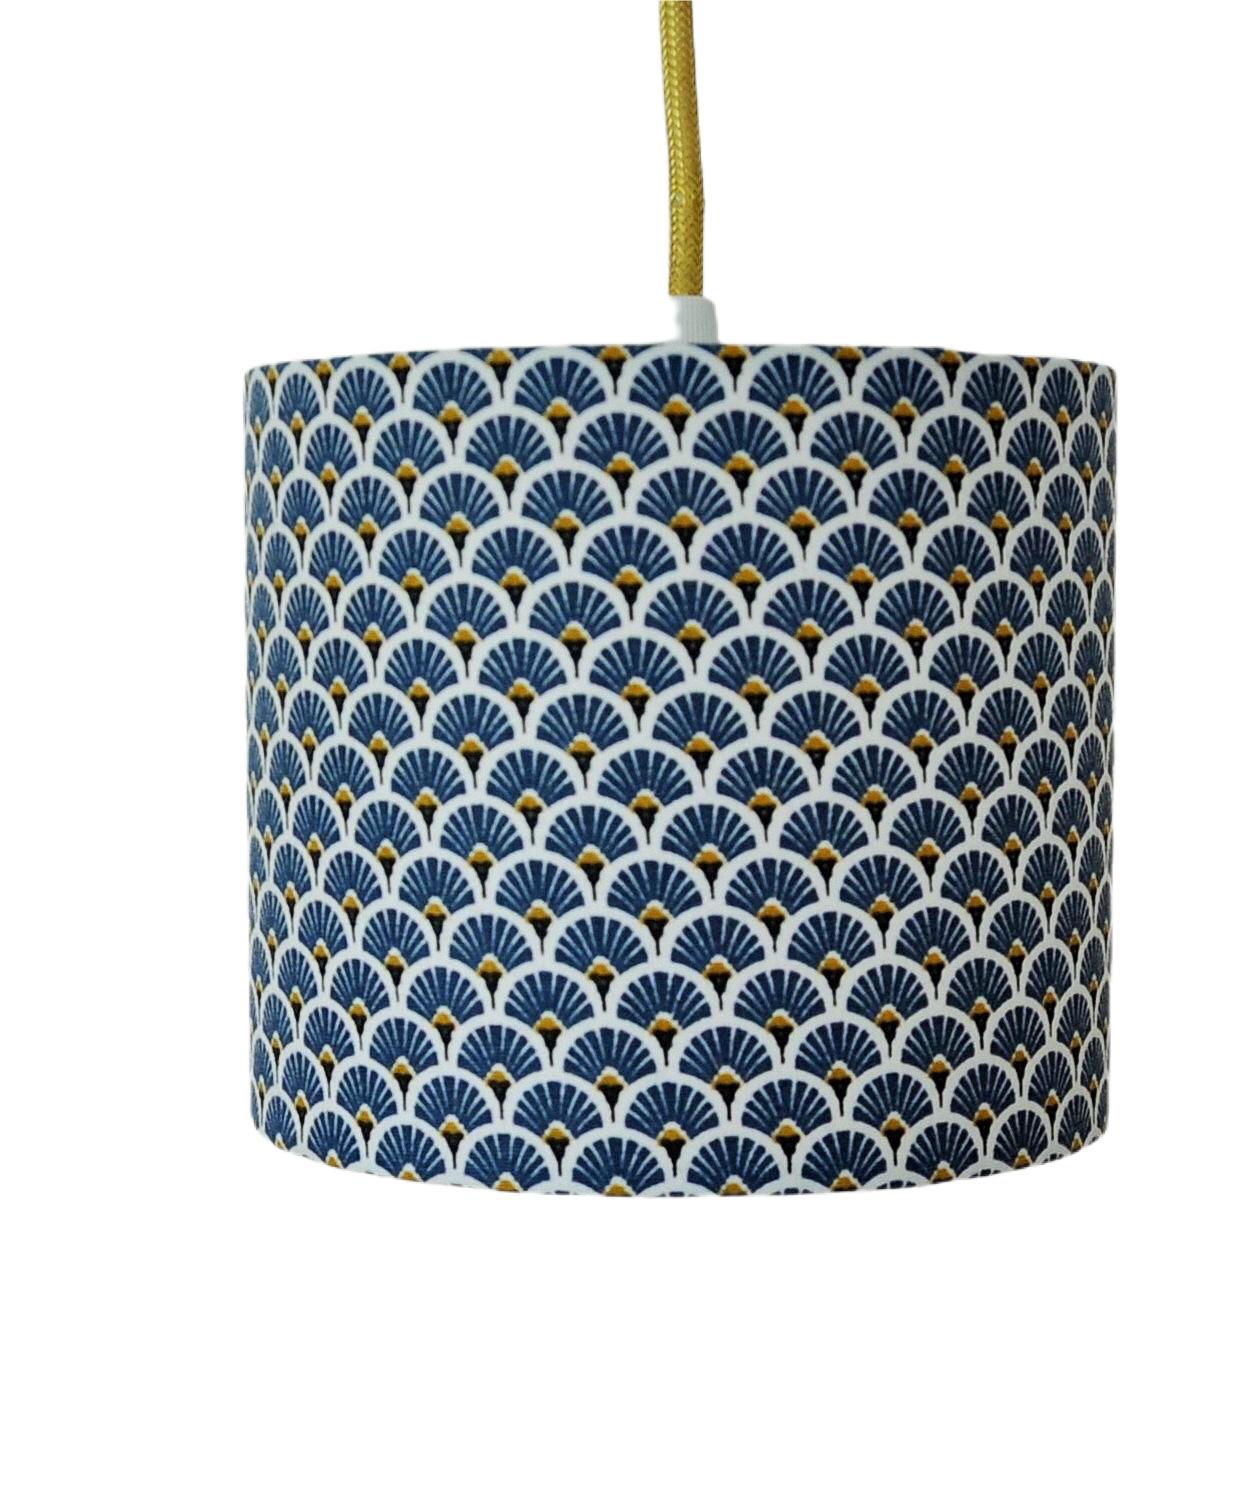 Suspension eventail bleu et or diamètre 45 cm